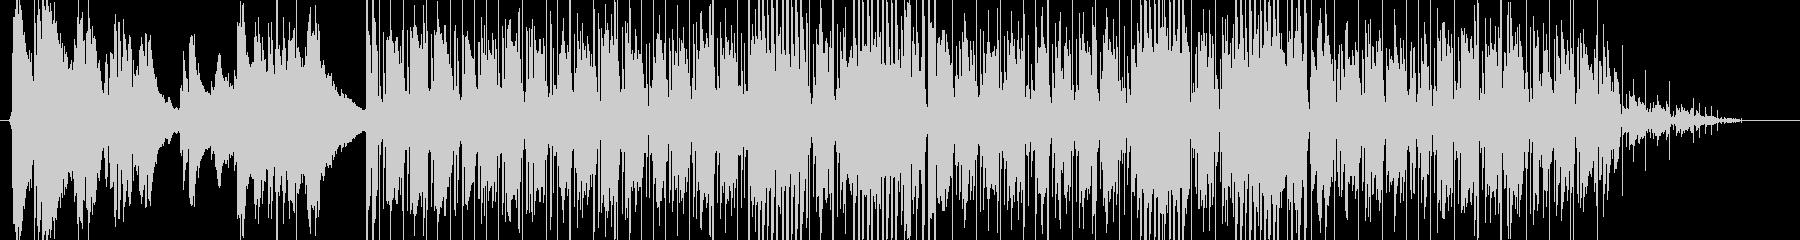 フィンガースタイルのリフ ブルースの未再生の波形